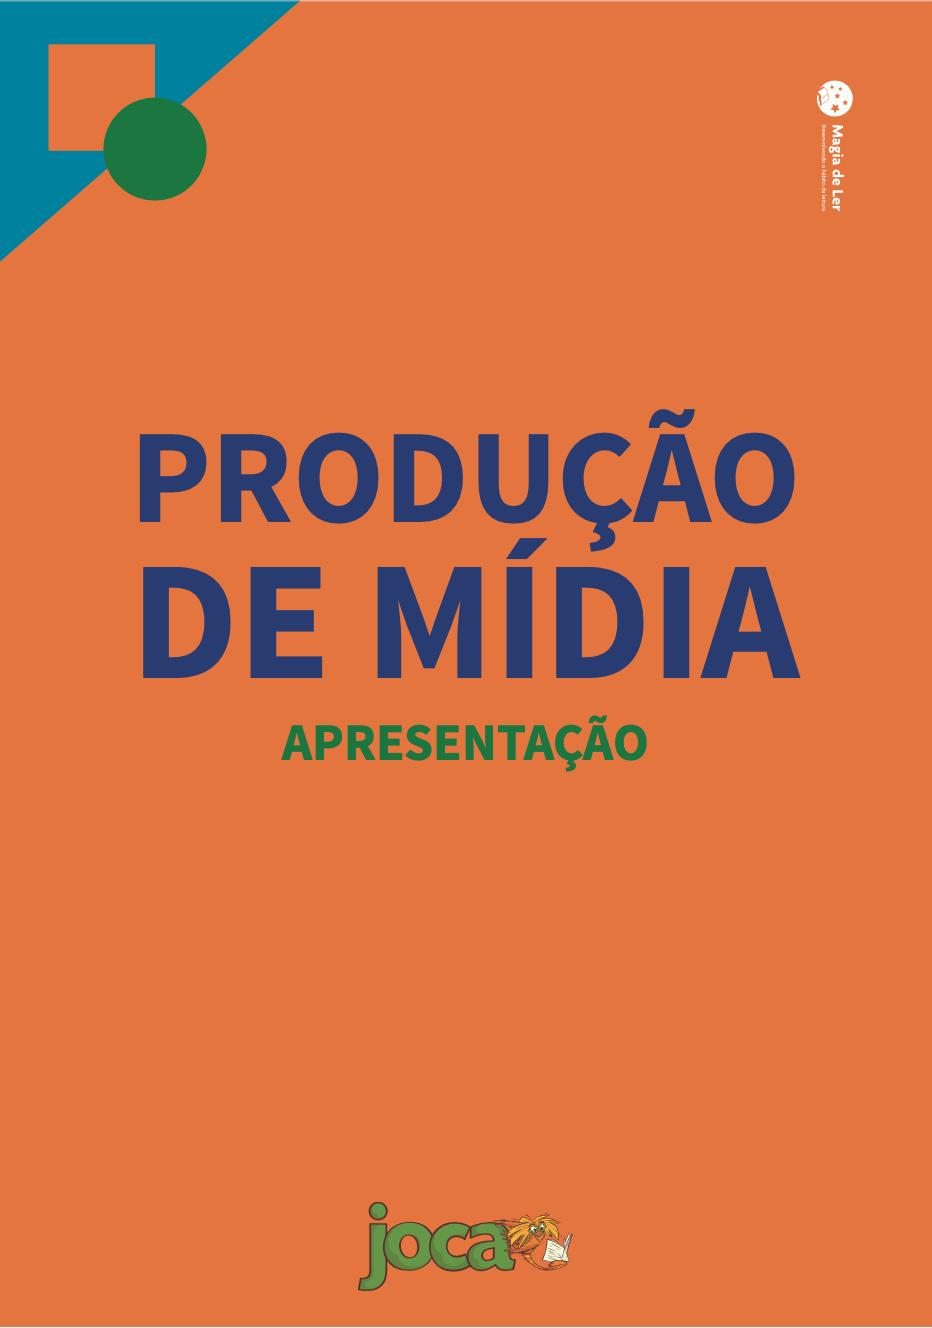 eixo produção de mídia: apresentação